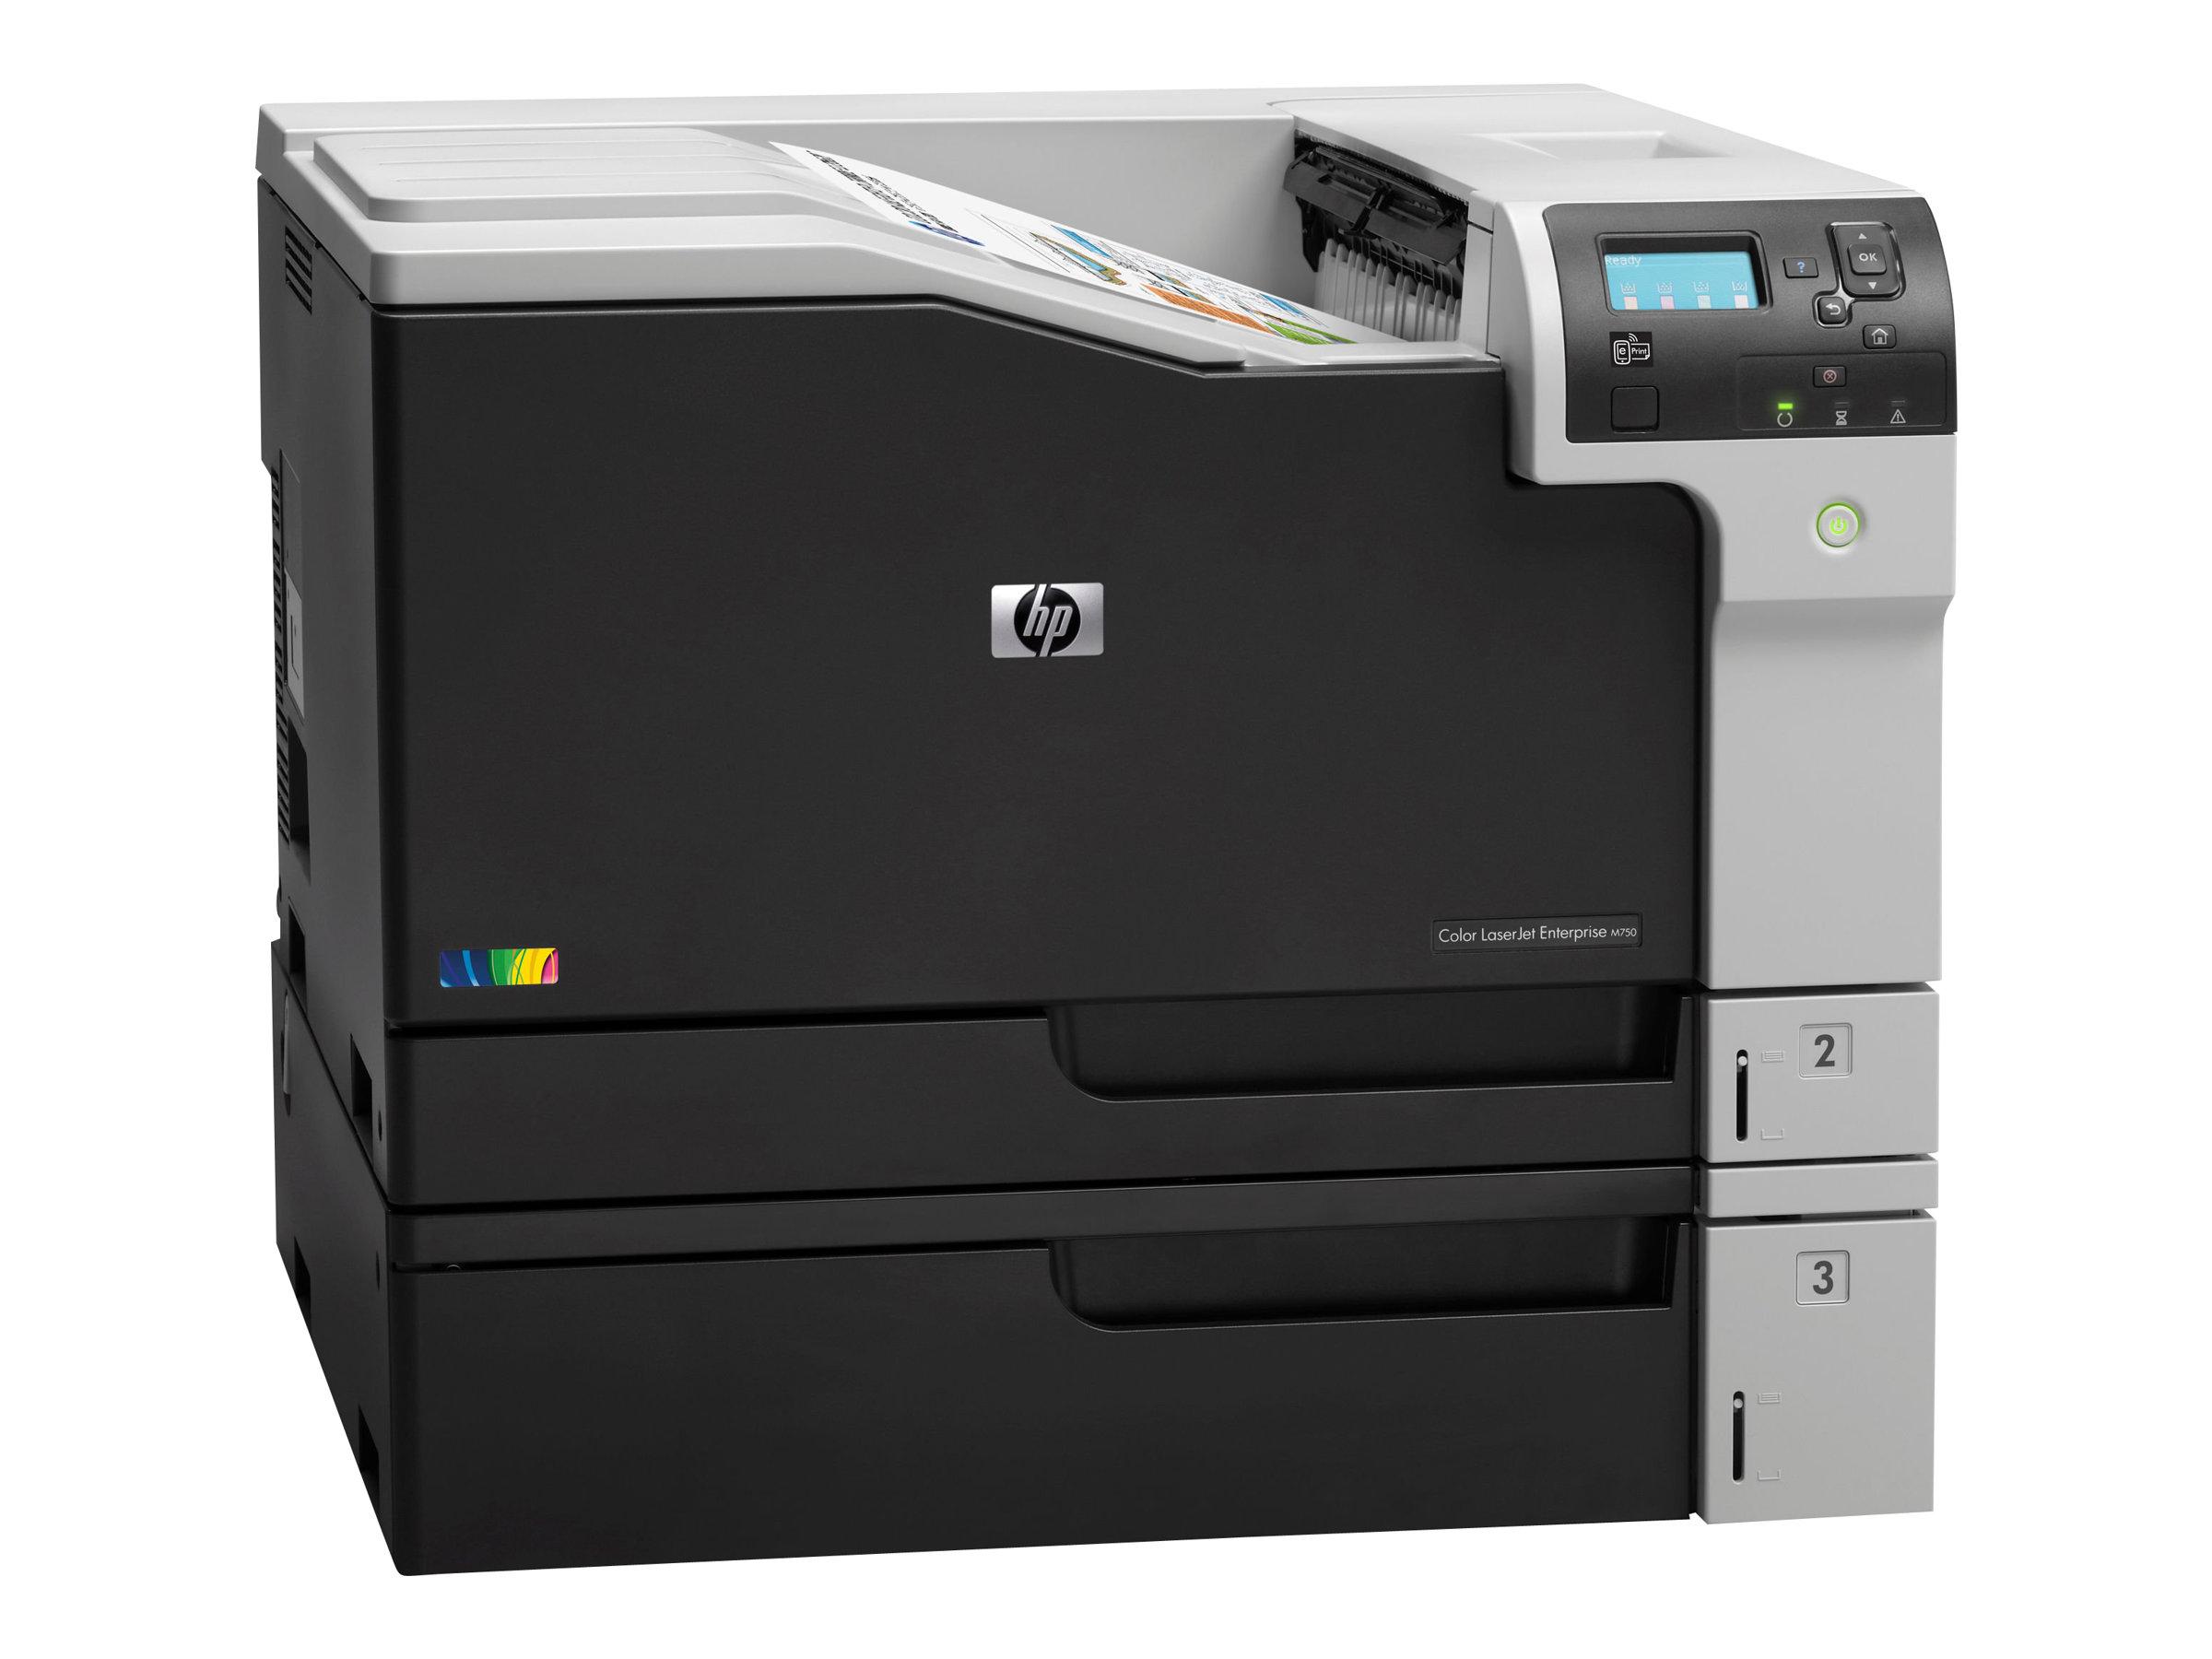 HP Color LaserJet Enterprise M750dn - Drucker - Farbe - Duplex - Laser - A3/Ledger - 600 x 600 dpi - bis zu 30 Seiten/Min. (einfarbig)/